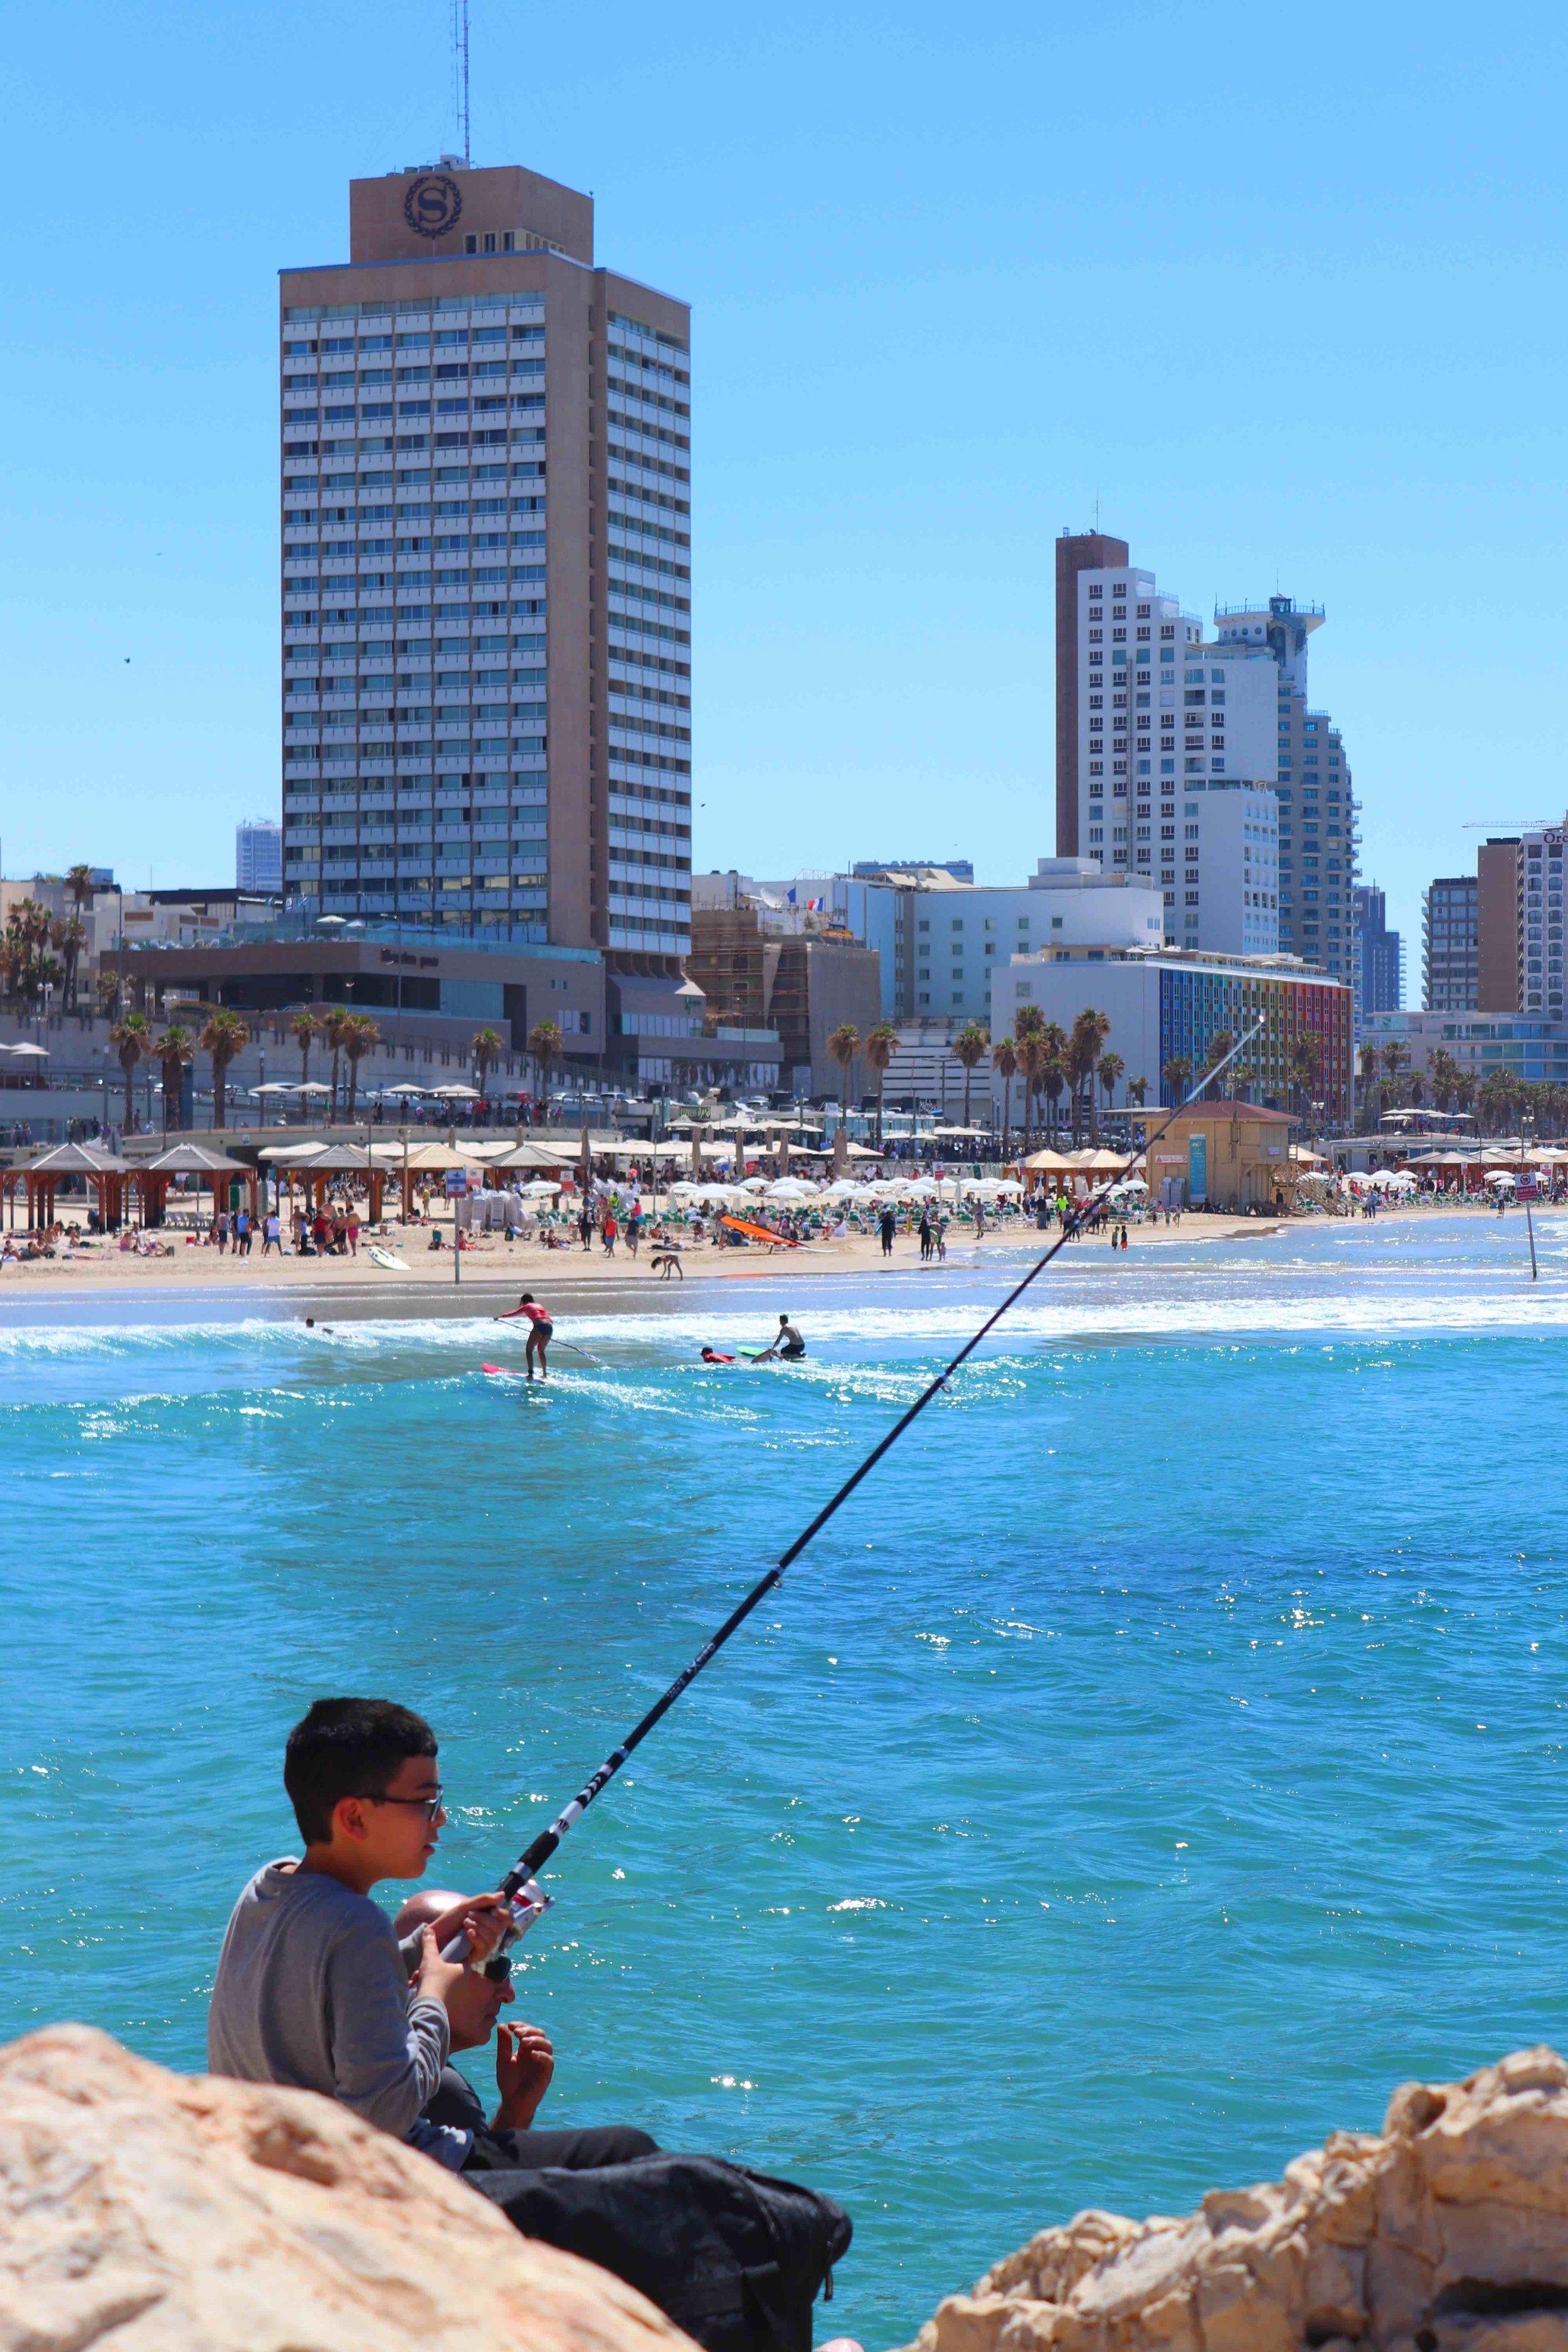 IMG_1765 lower quality boy fishing.jpg